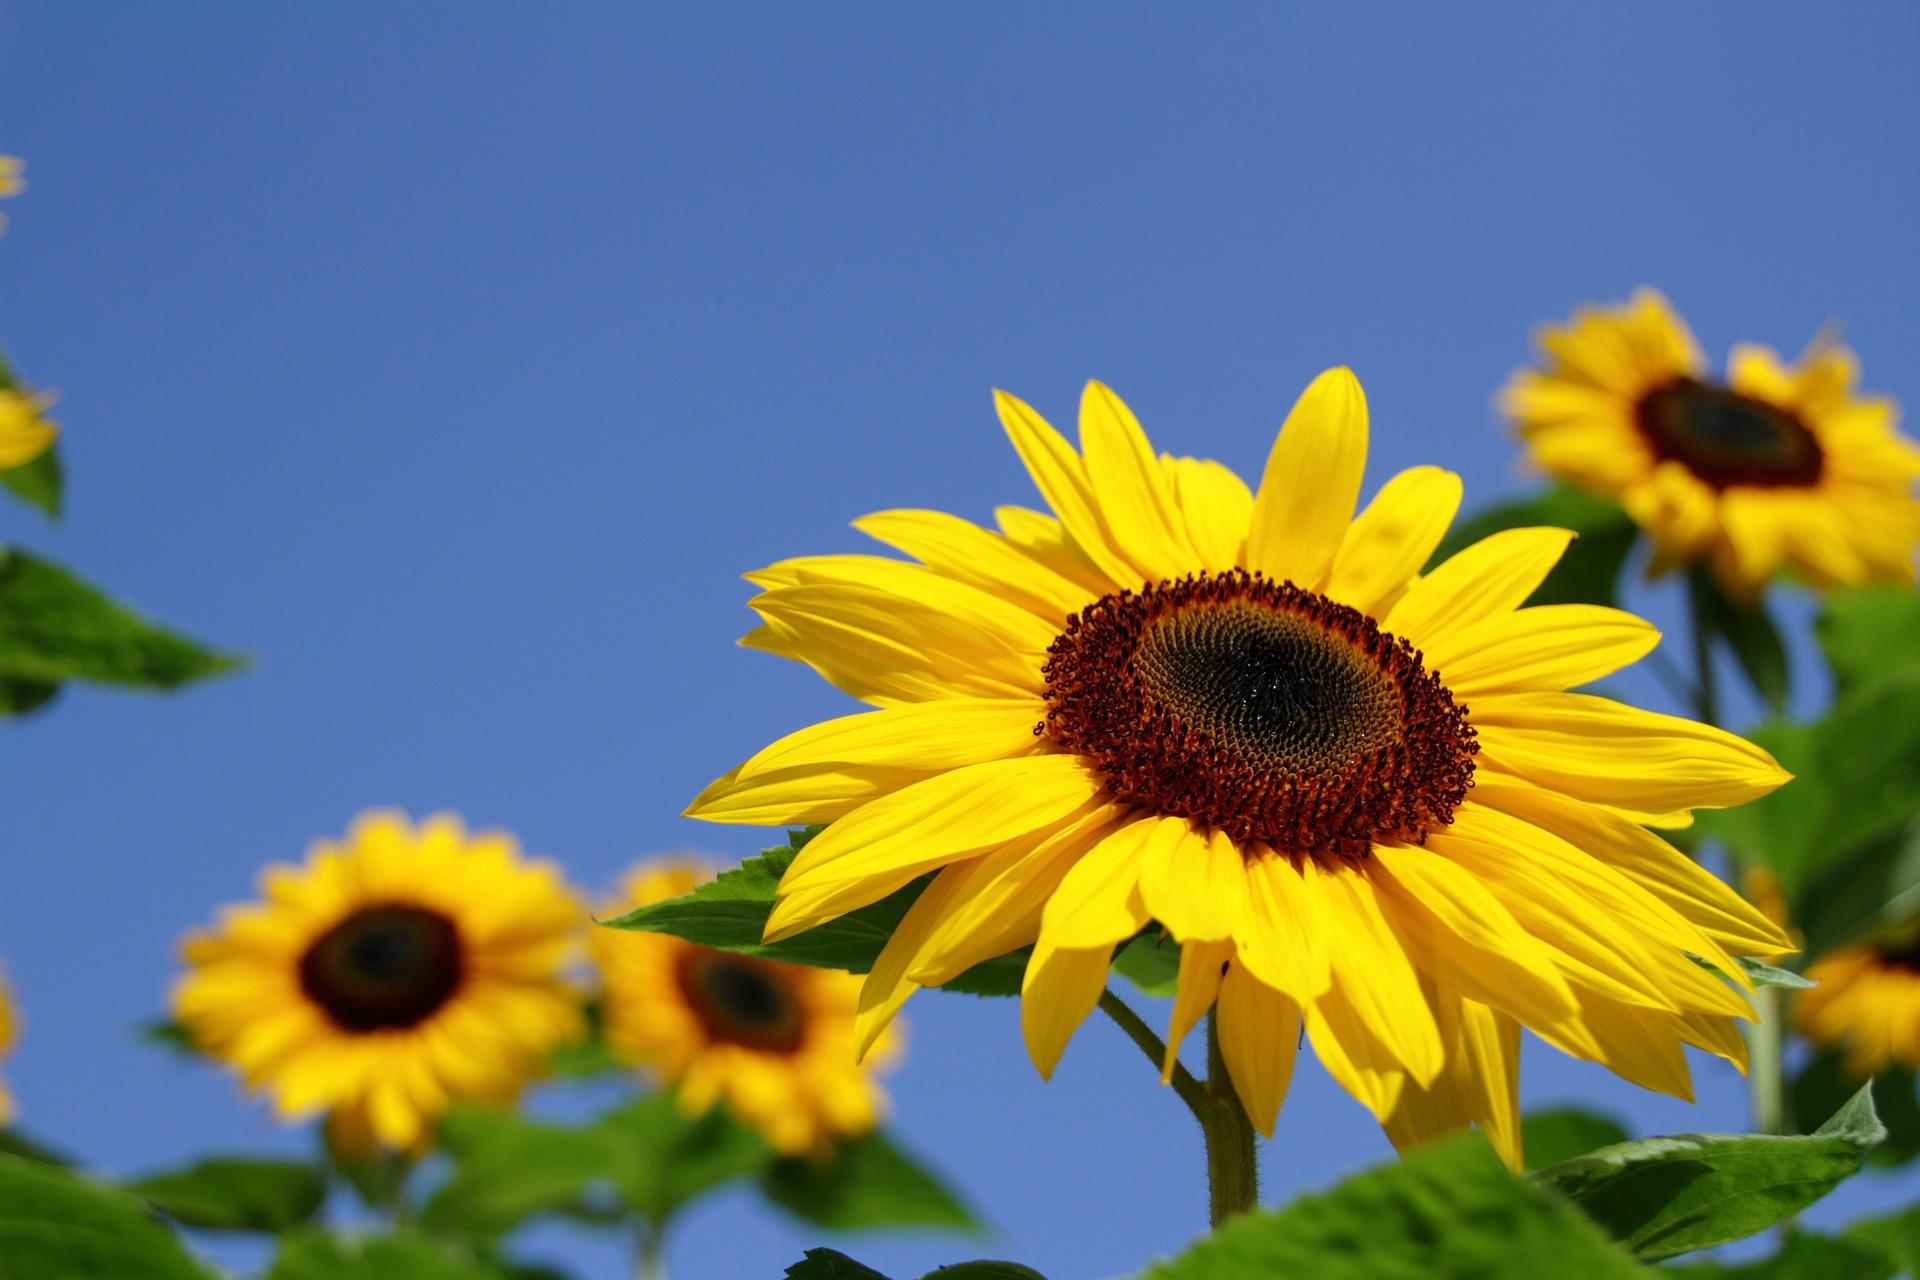 7月の誕生花のご紹介 ~太陽のように明るい花ひまわり~